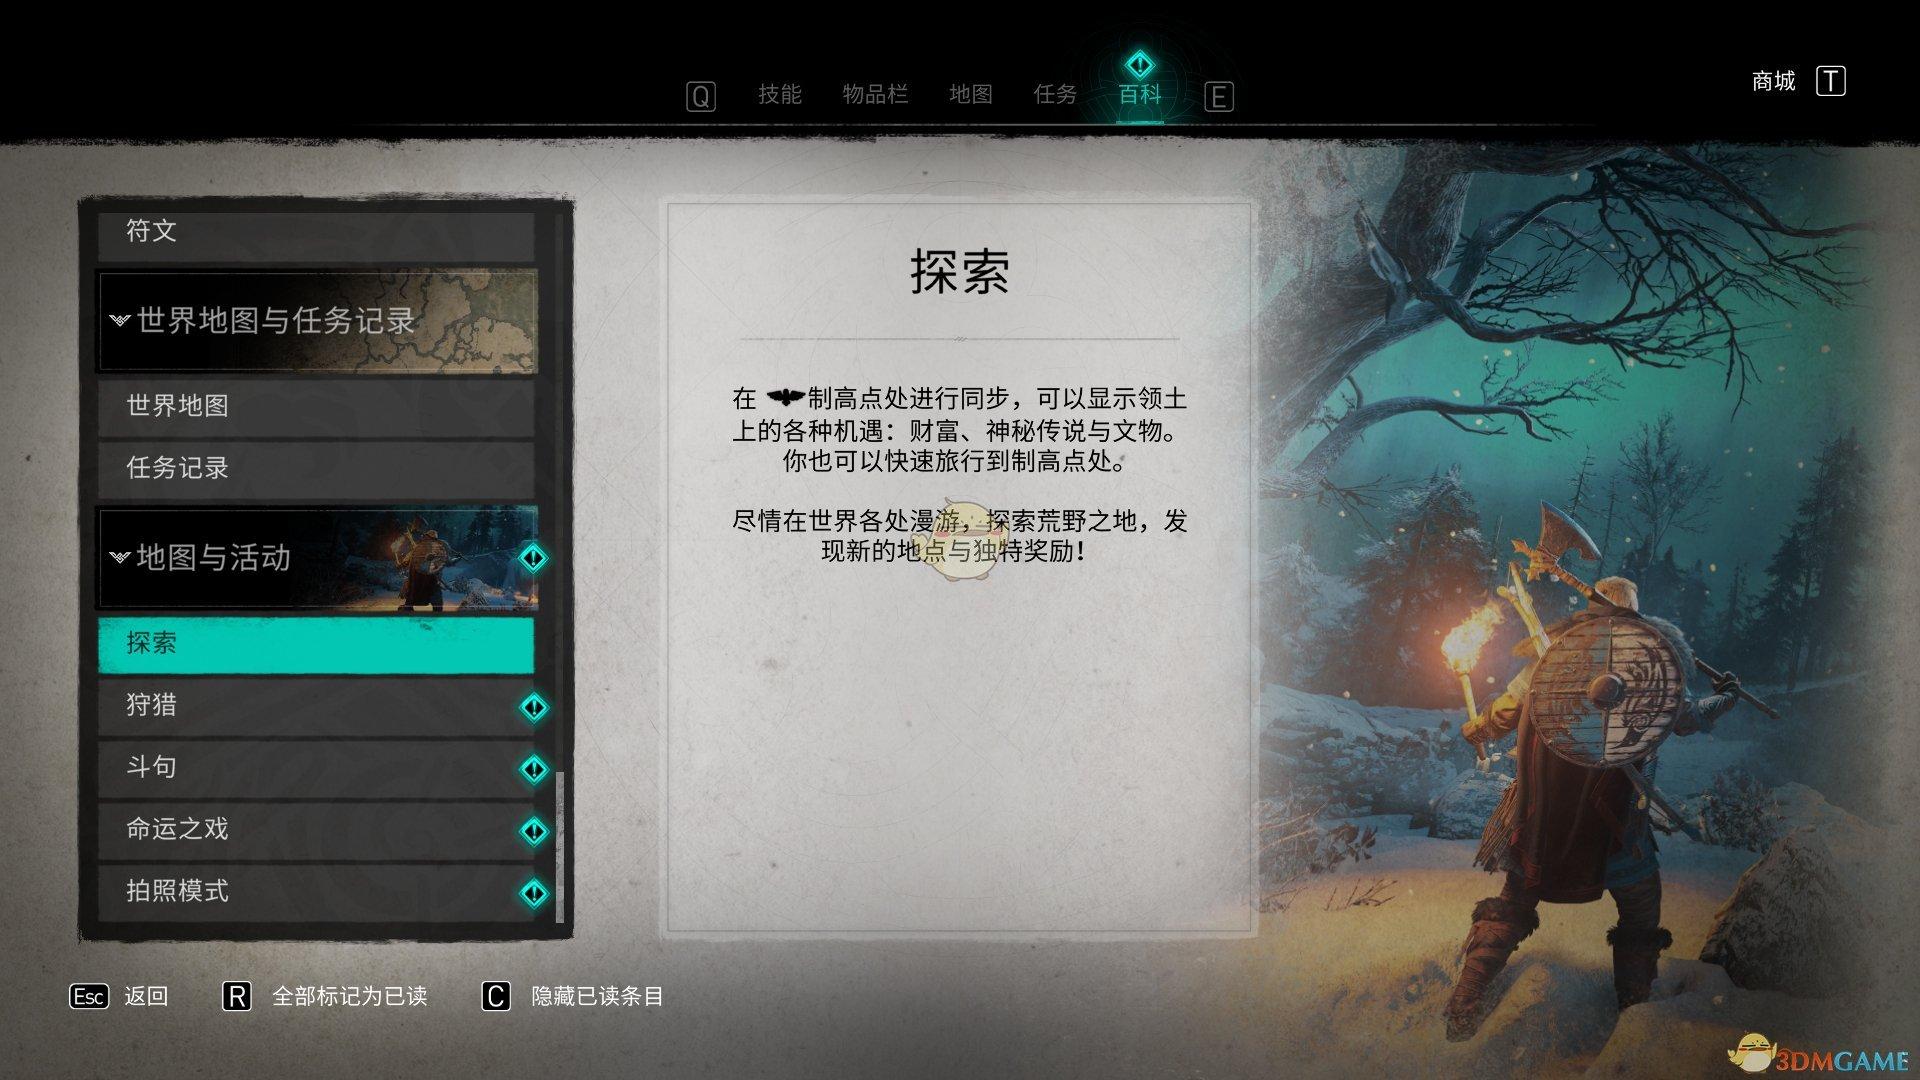 《刺客信条:英灵殿》探索系统介绍